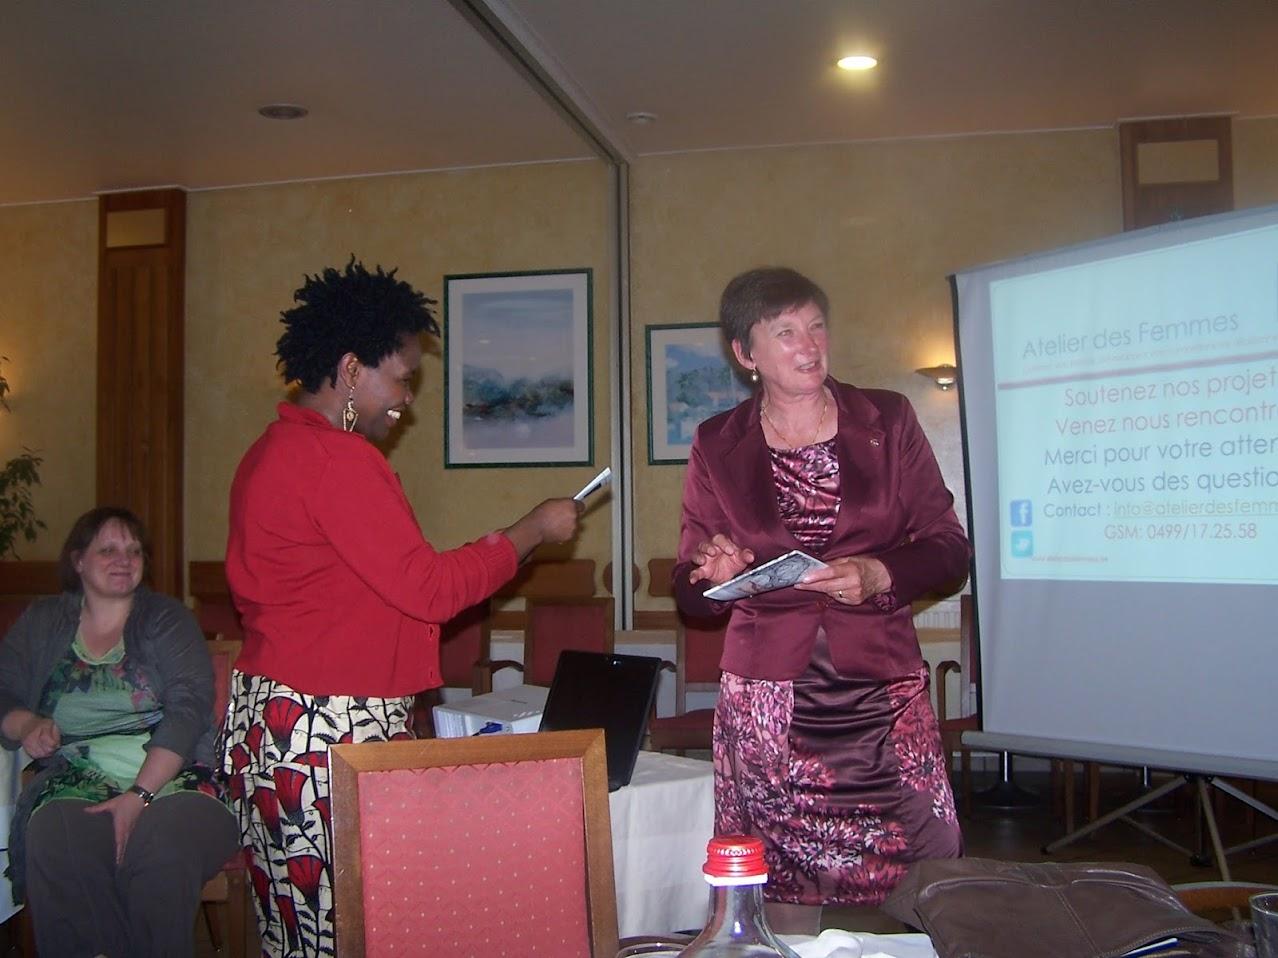 Ce 19 mars, Soroptimist invitait l'Atelier des Femmes à lui présenter ses activités pour mieux faire connaissance et identifier les synergies